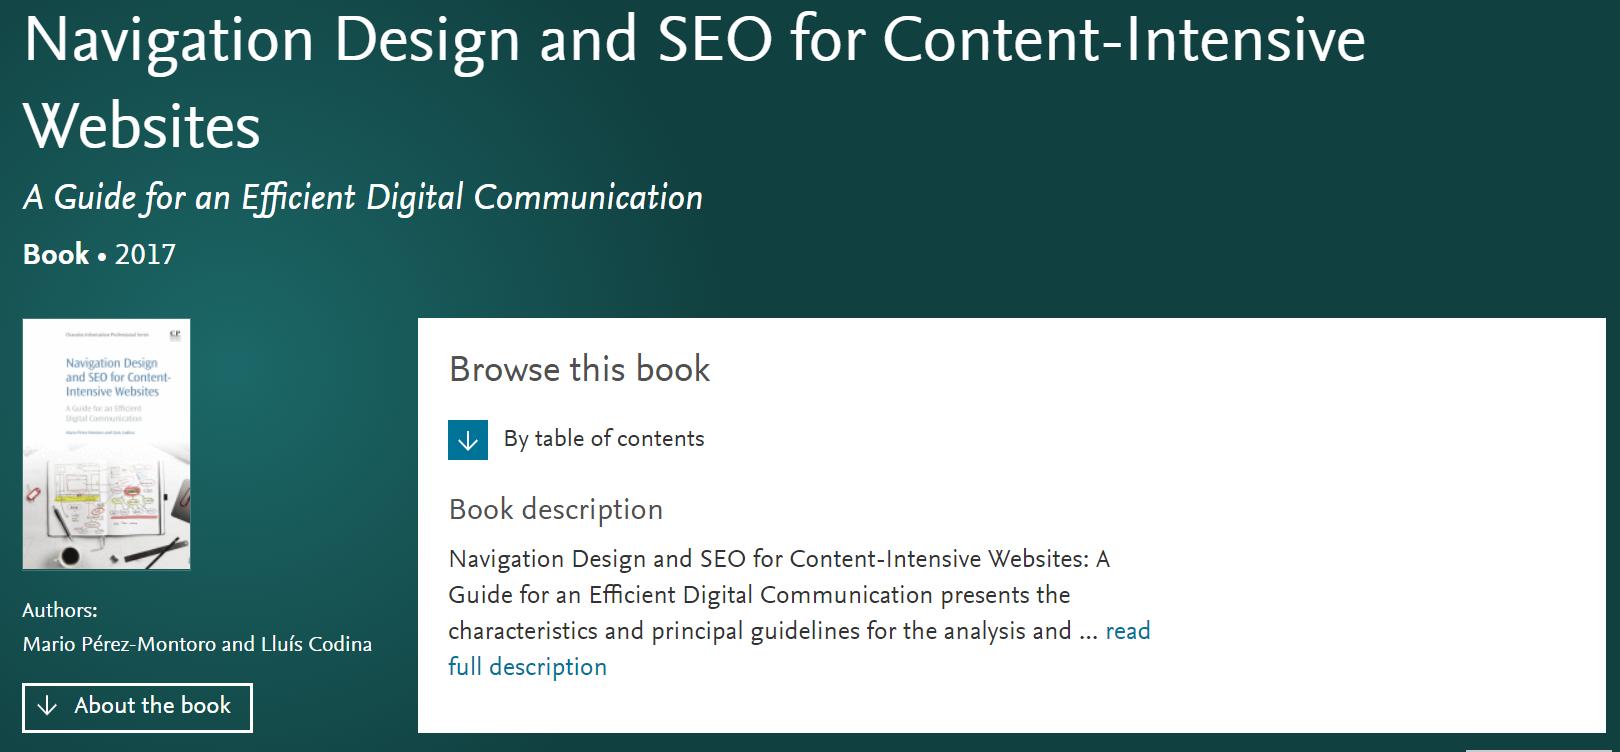 Portada y versión digital de una obra sobre diseño de la navegación web y SEO